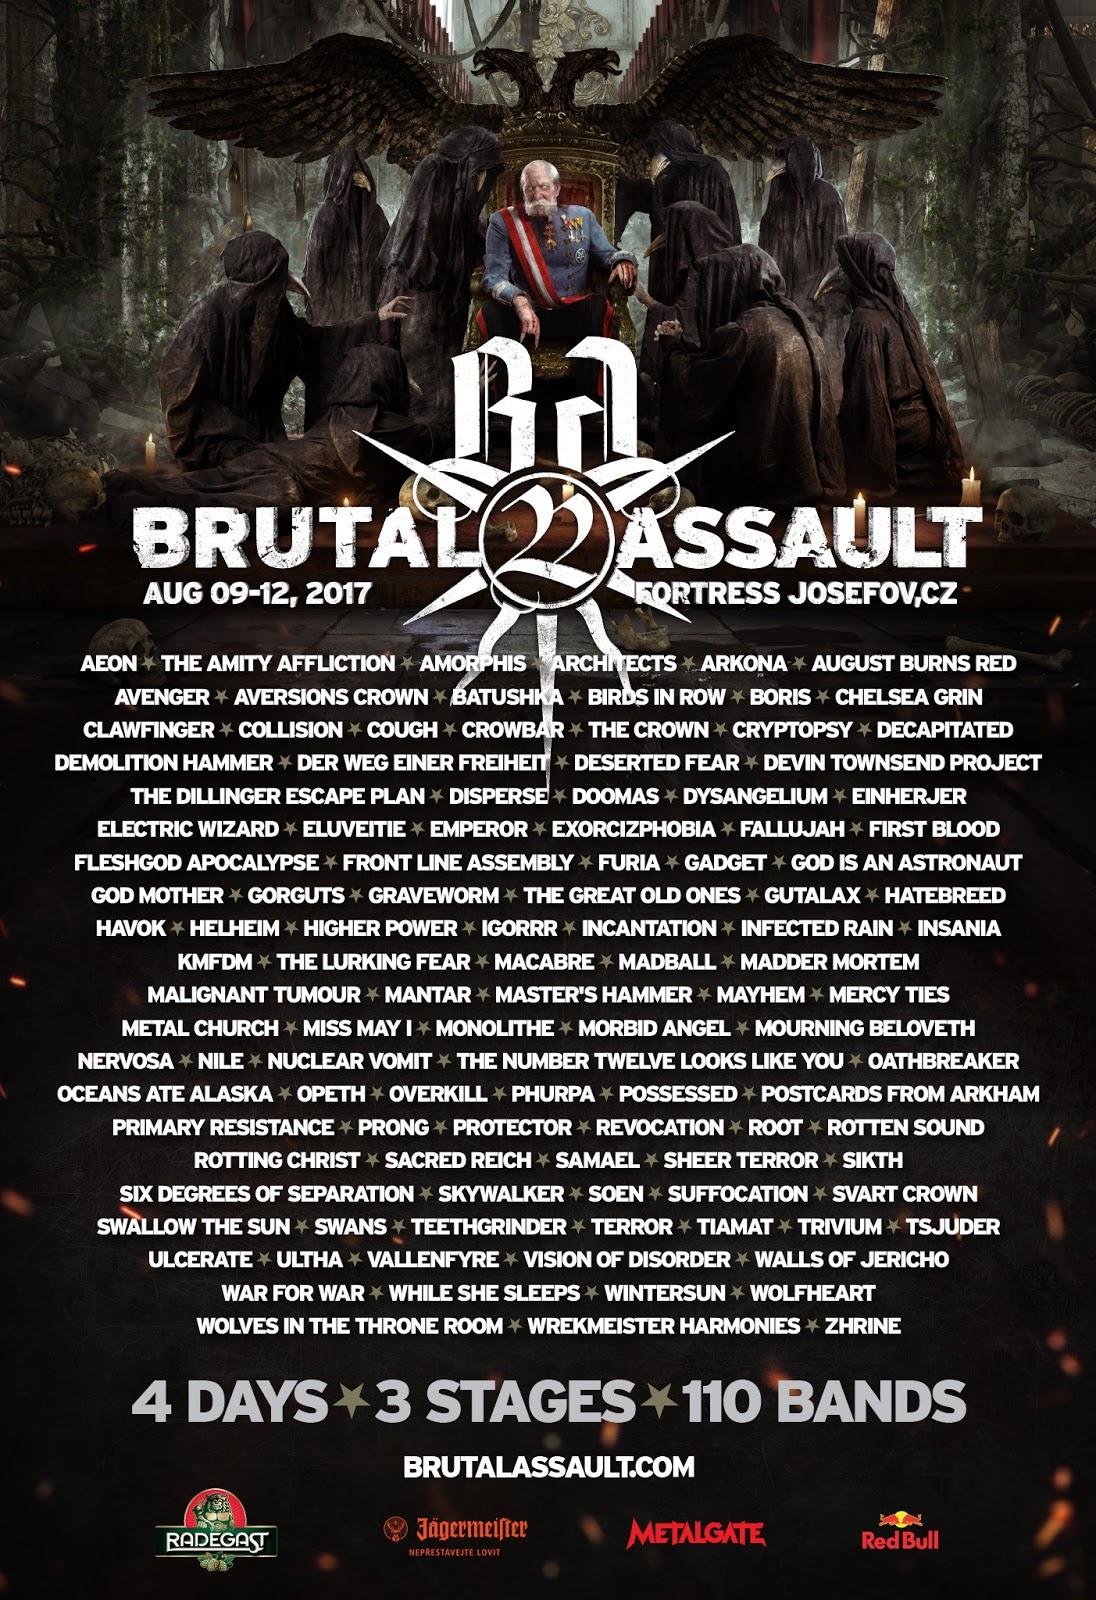 Brutal Assault 2017 - Preview edición 22 - Abismo